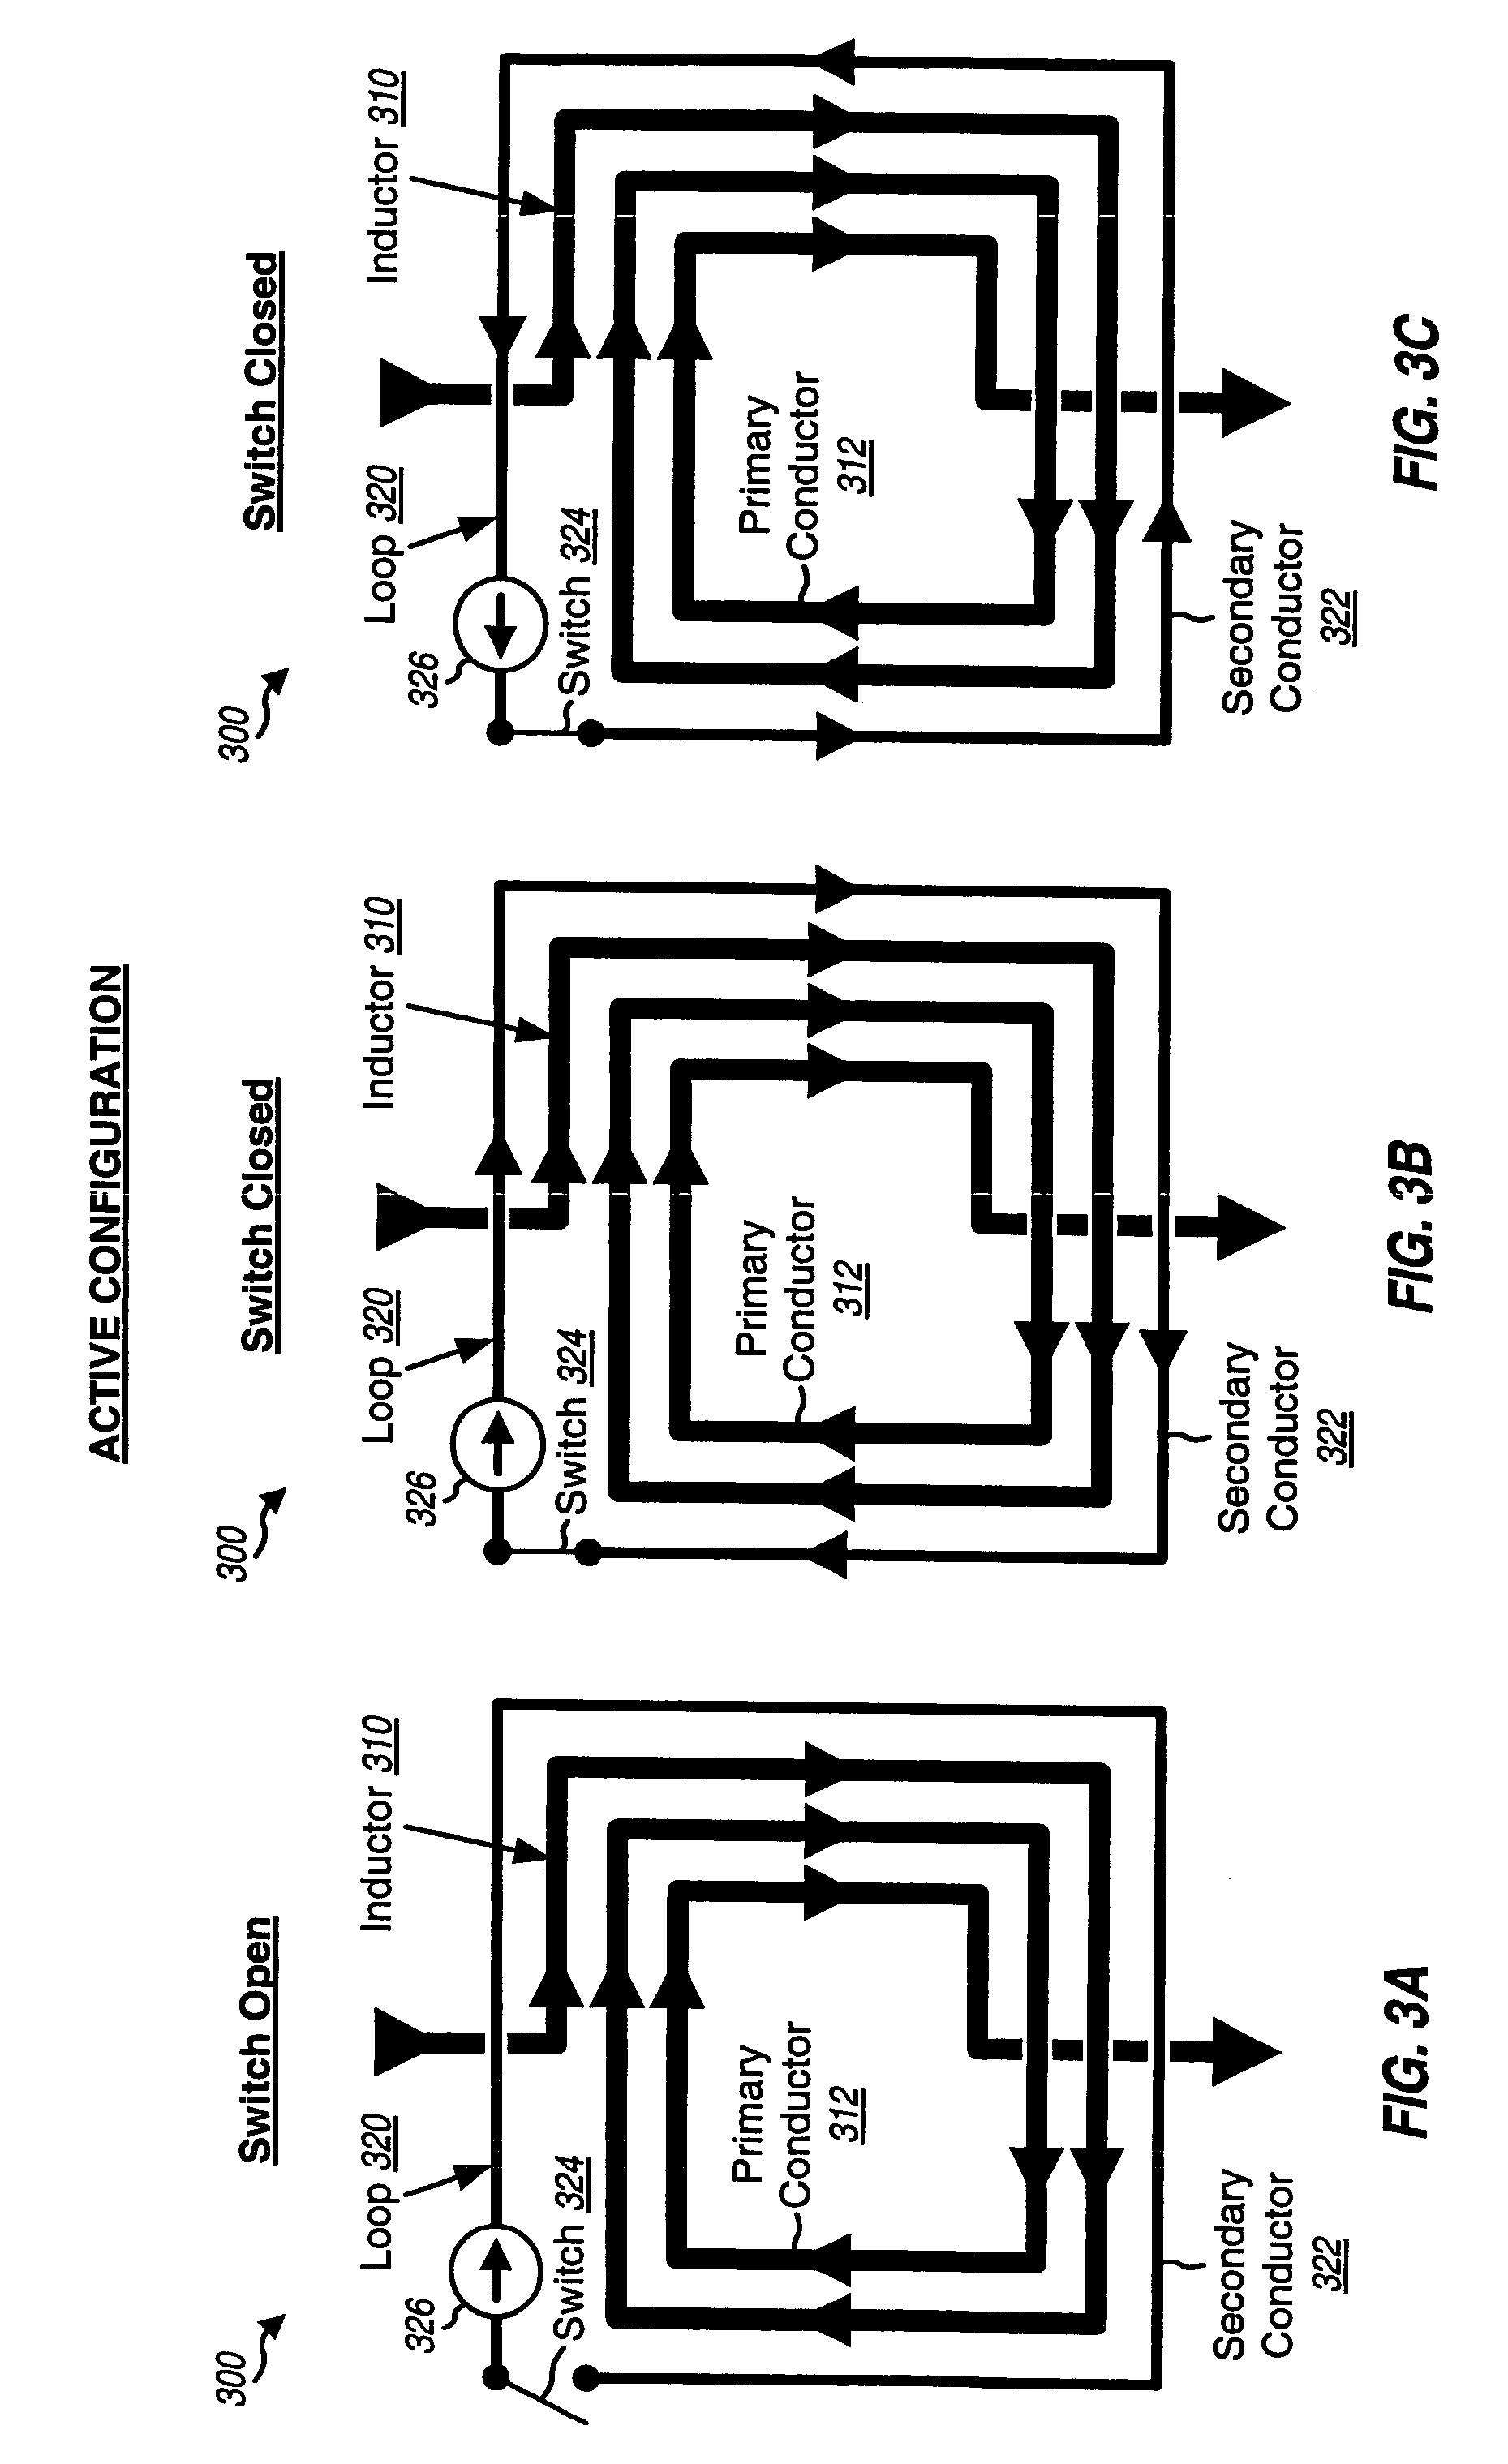 patent us7460001